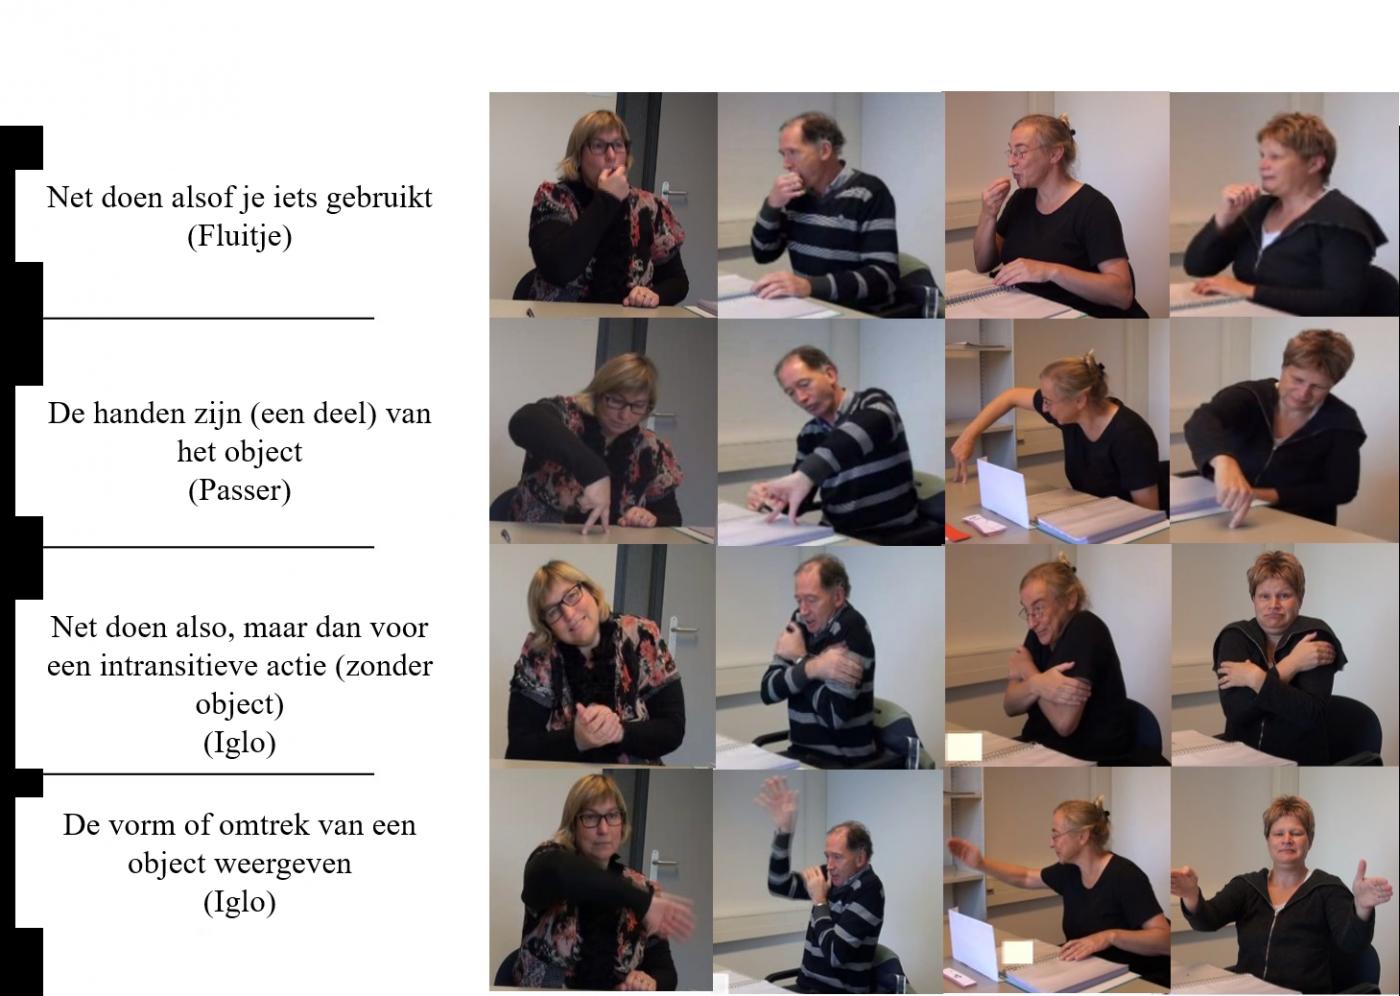 Voorbeelden van manieren om informatie in een gebaar uit te drukken